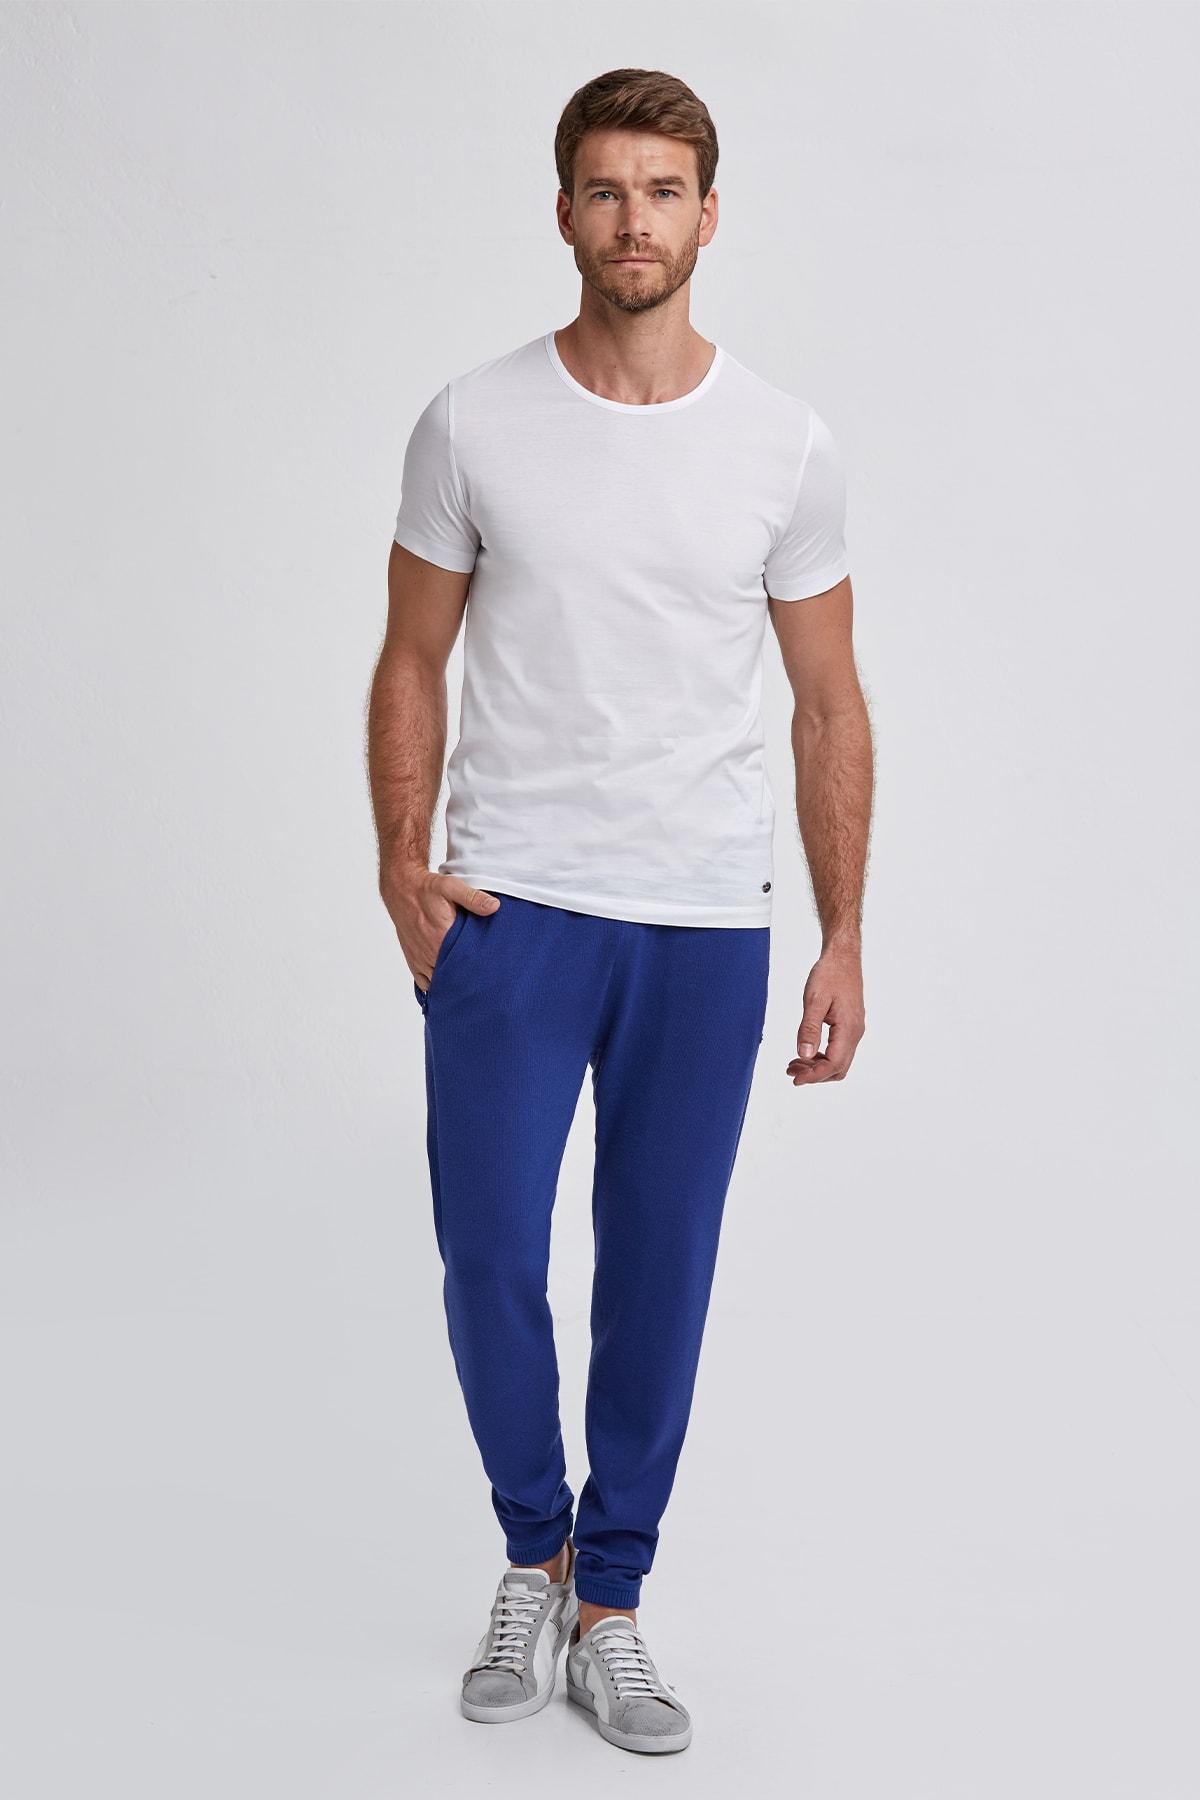 Hemington Beyaz Bisiklet Yaka Basic T-shirt 2